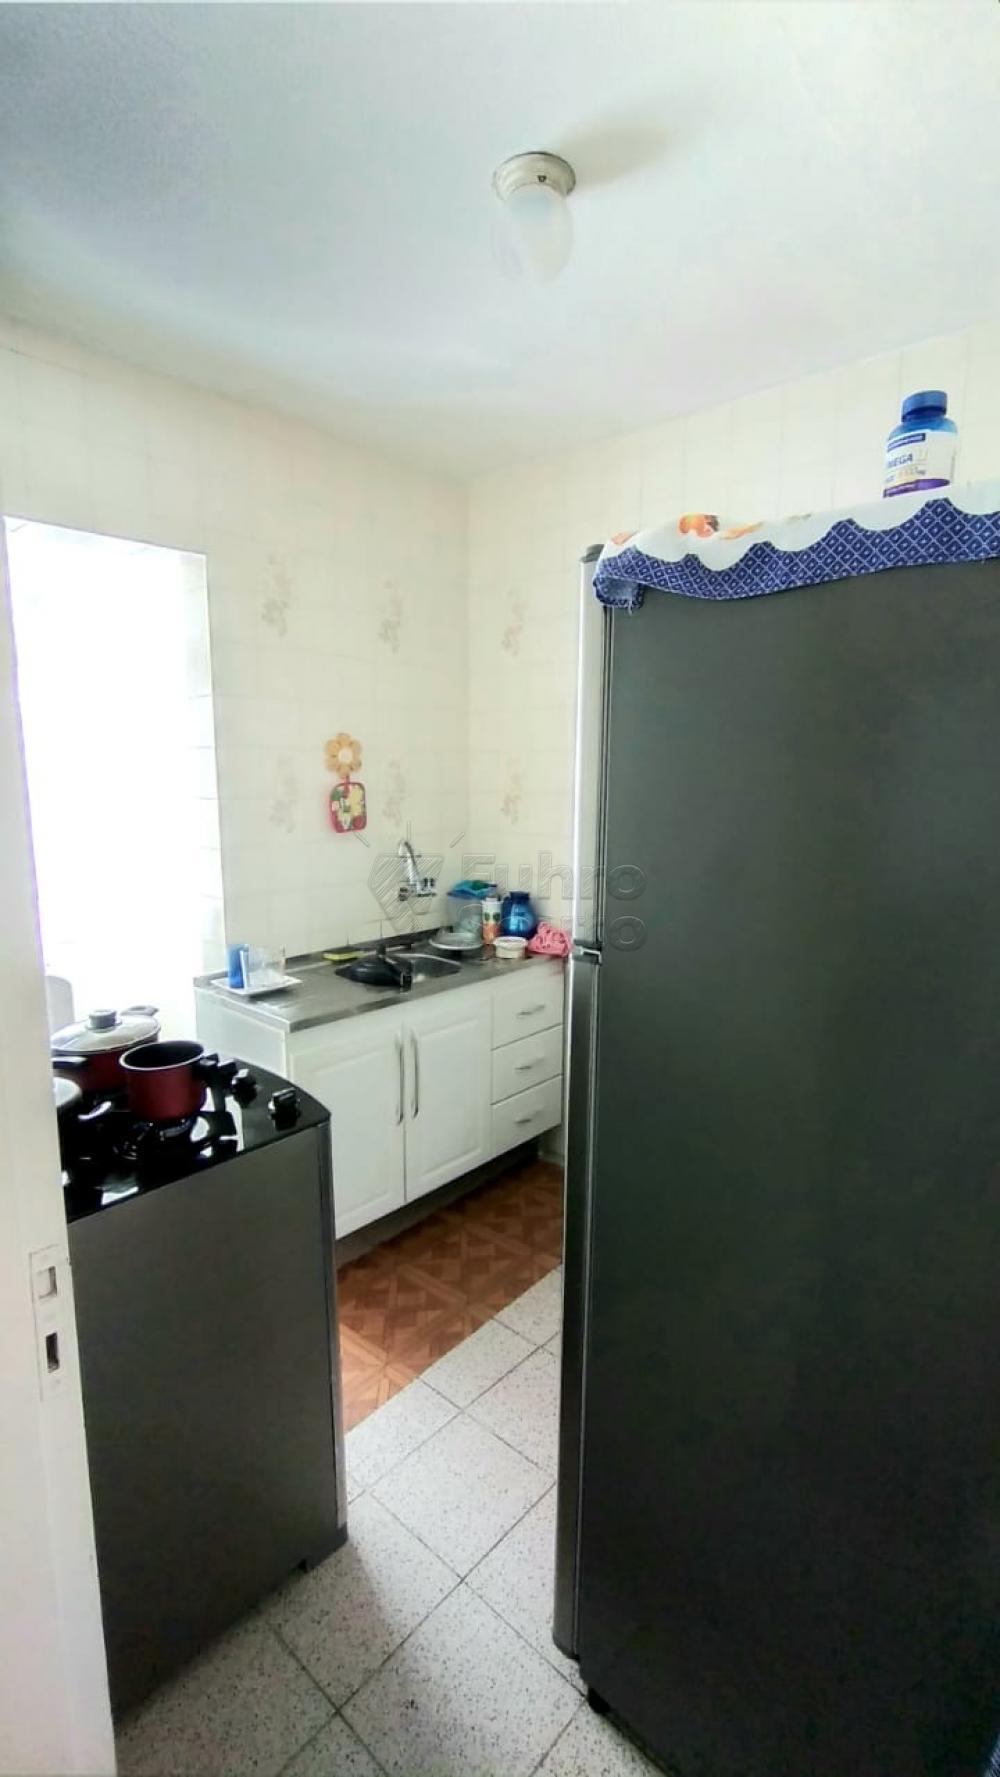 Comprar Apartamento / Padrão em Pelotas R$ 170.000,00 - Foto 4